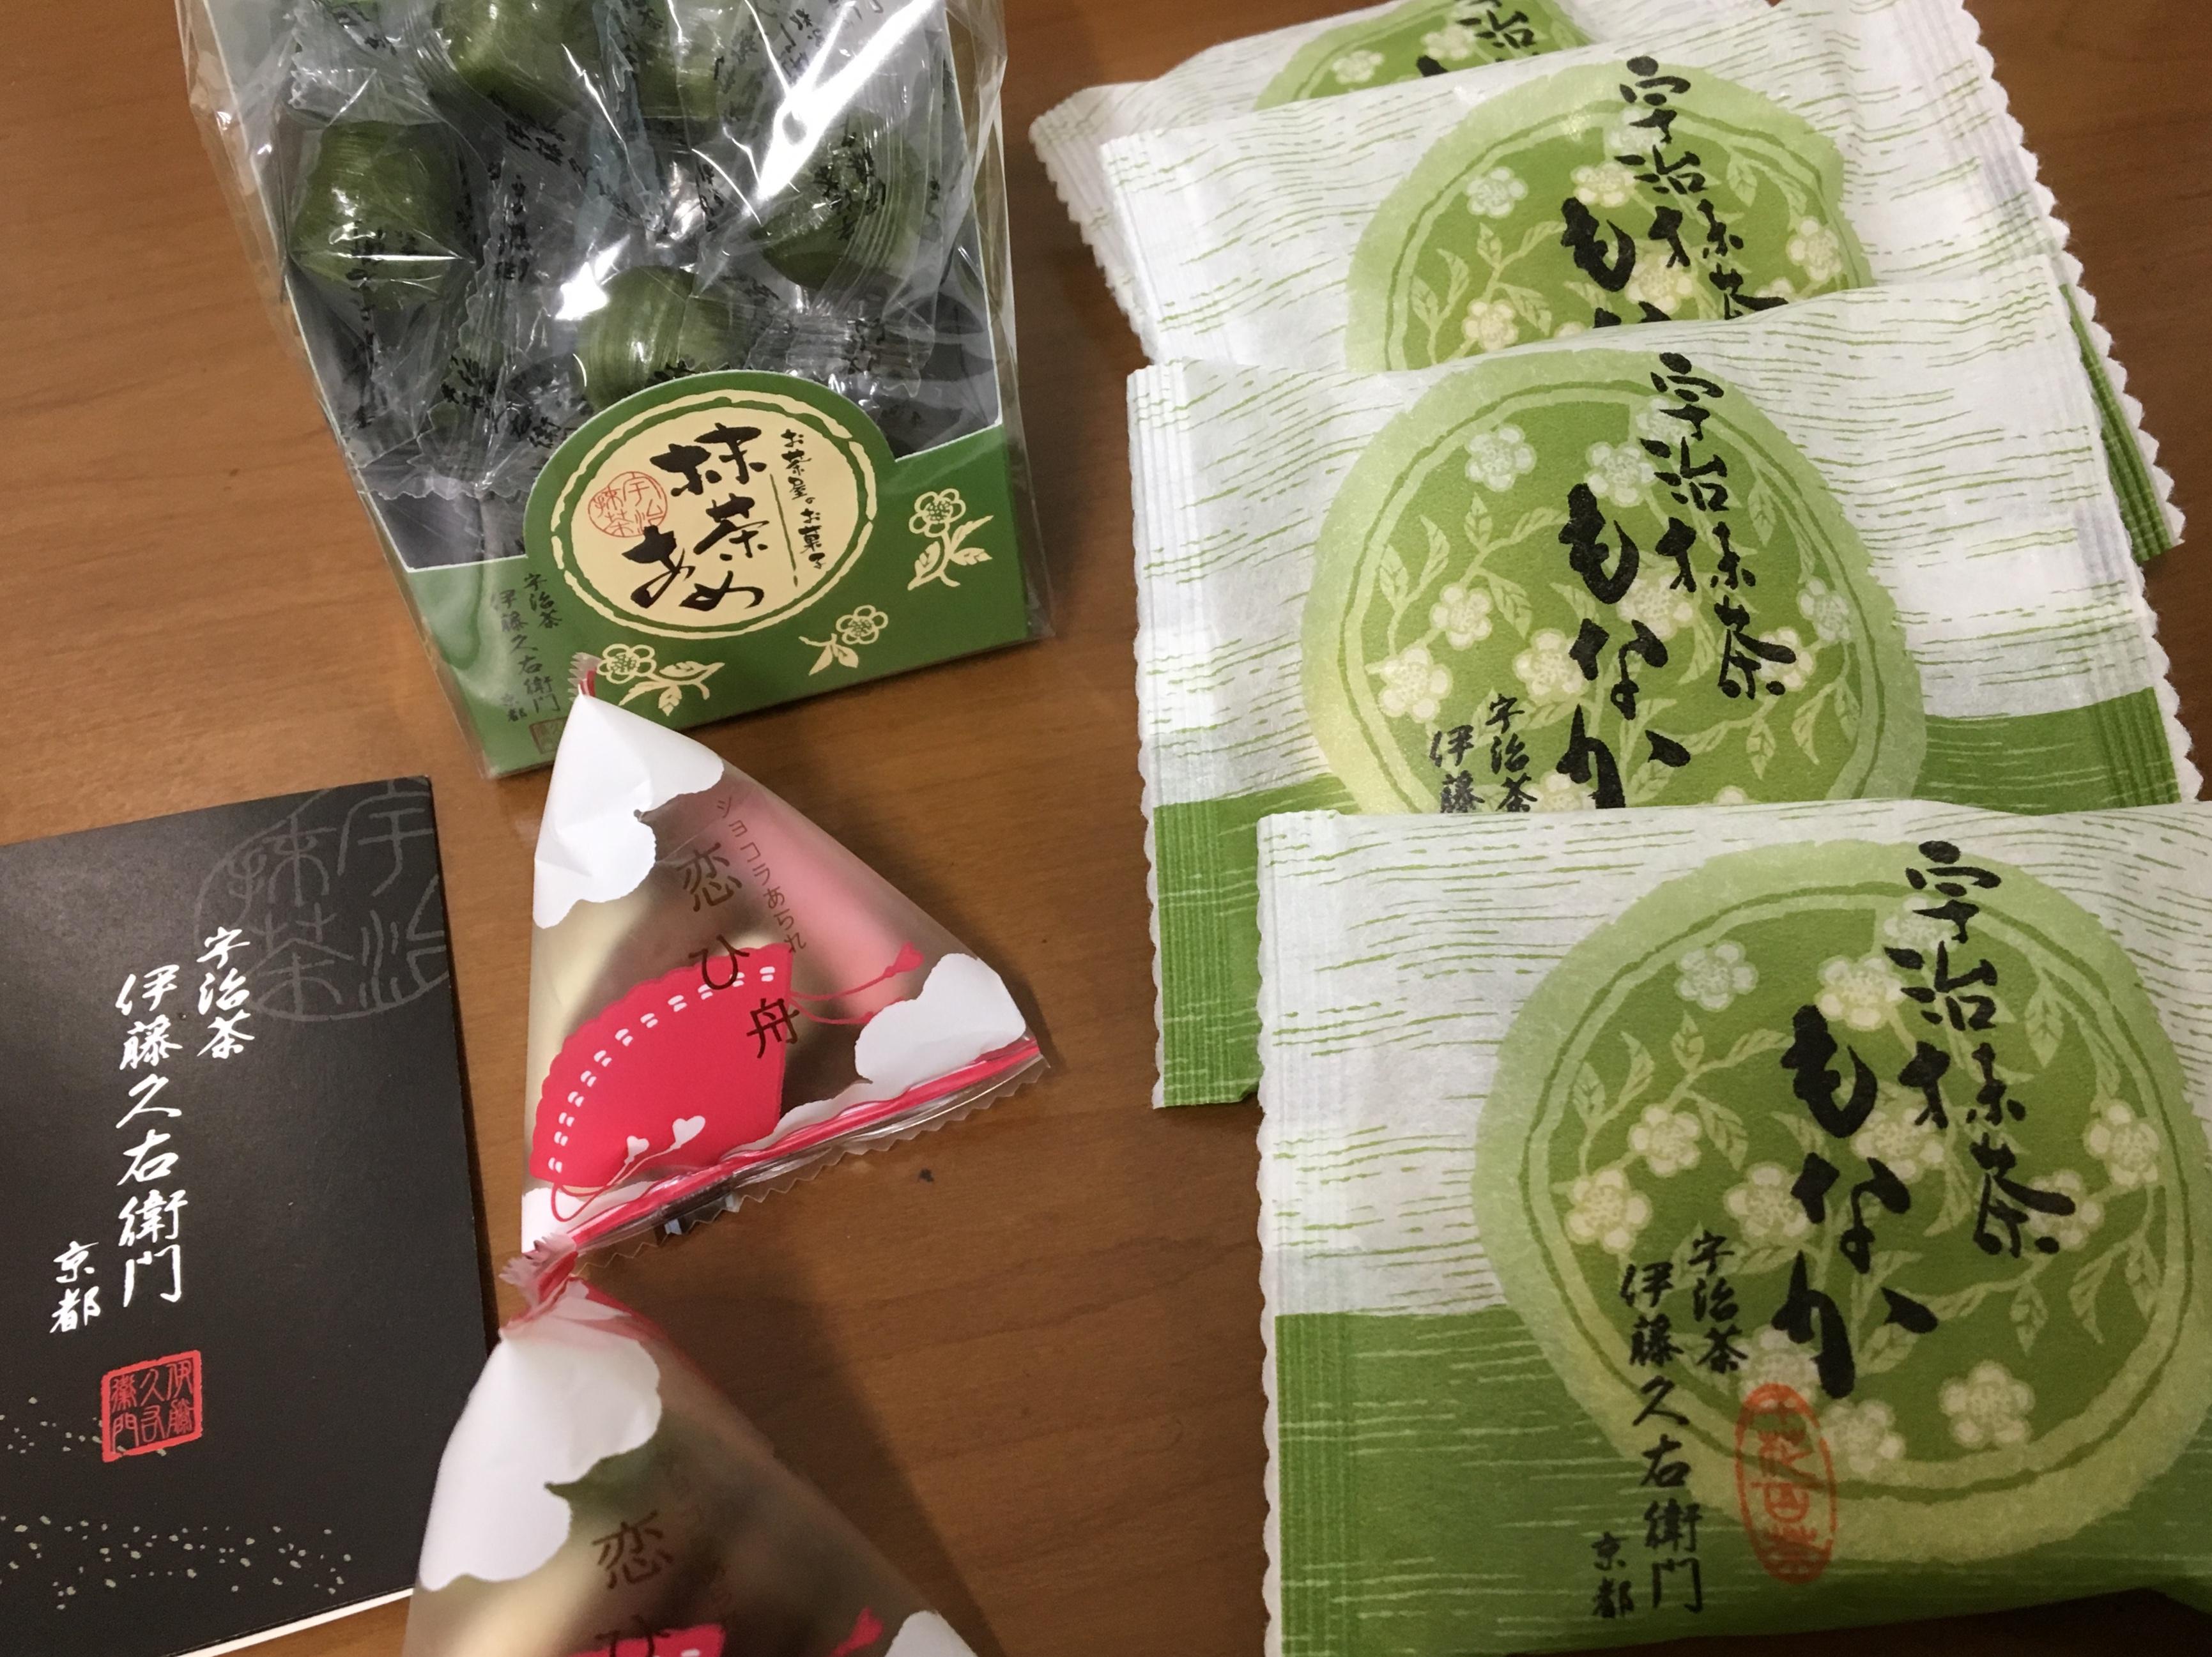 [ブログ]宇治のお土産頂きました)^o^(大阪市西淀川区Mさん11kgダイエット中